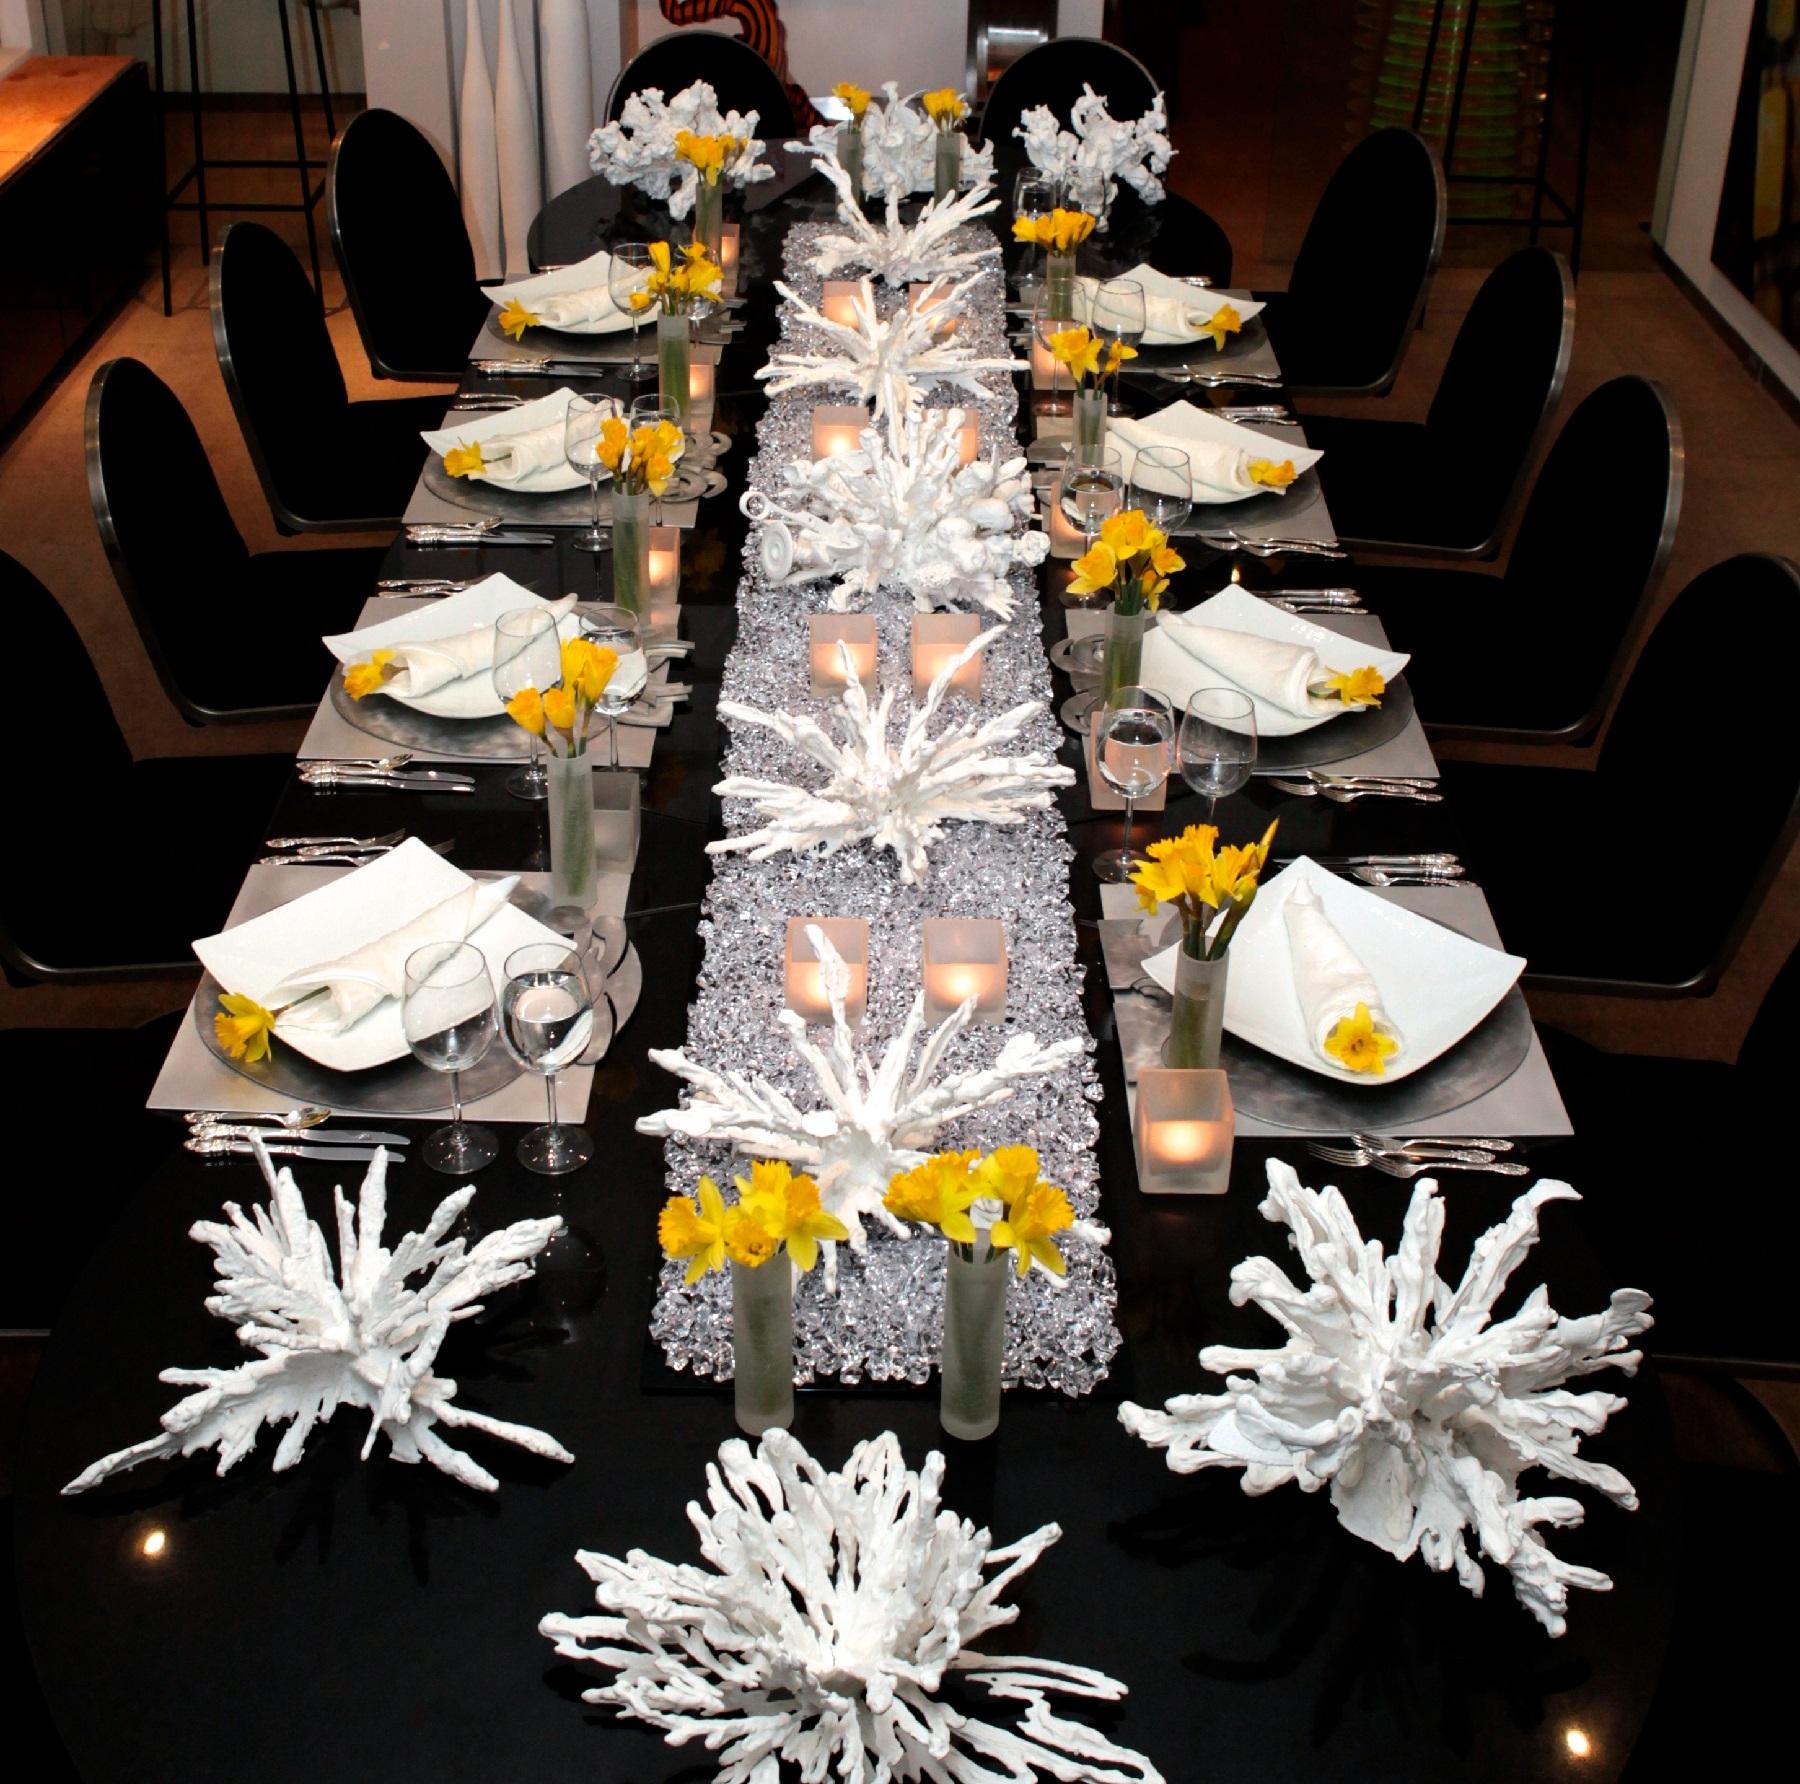 Art + Daffodils - Tablescape Ideas